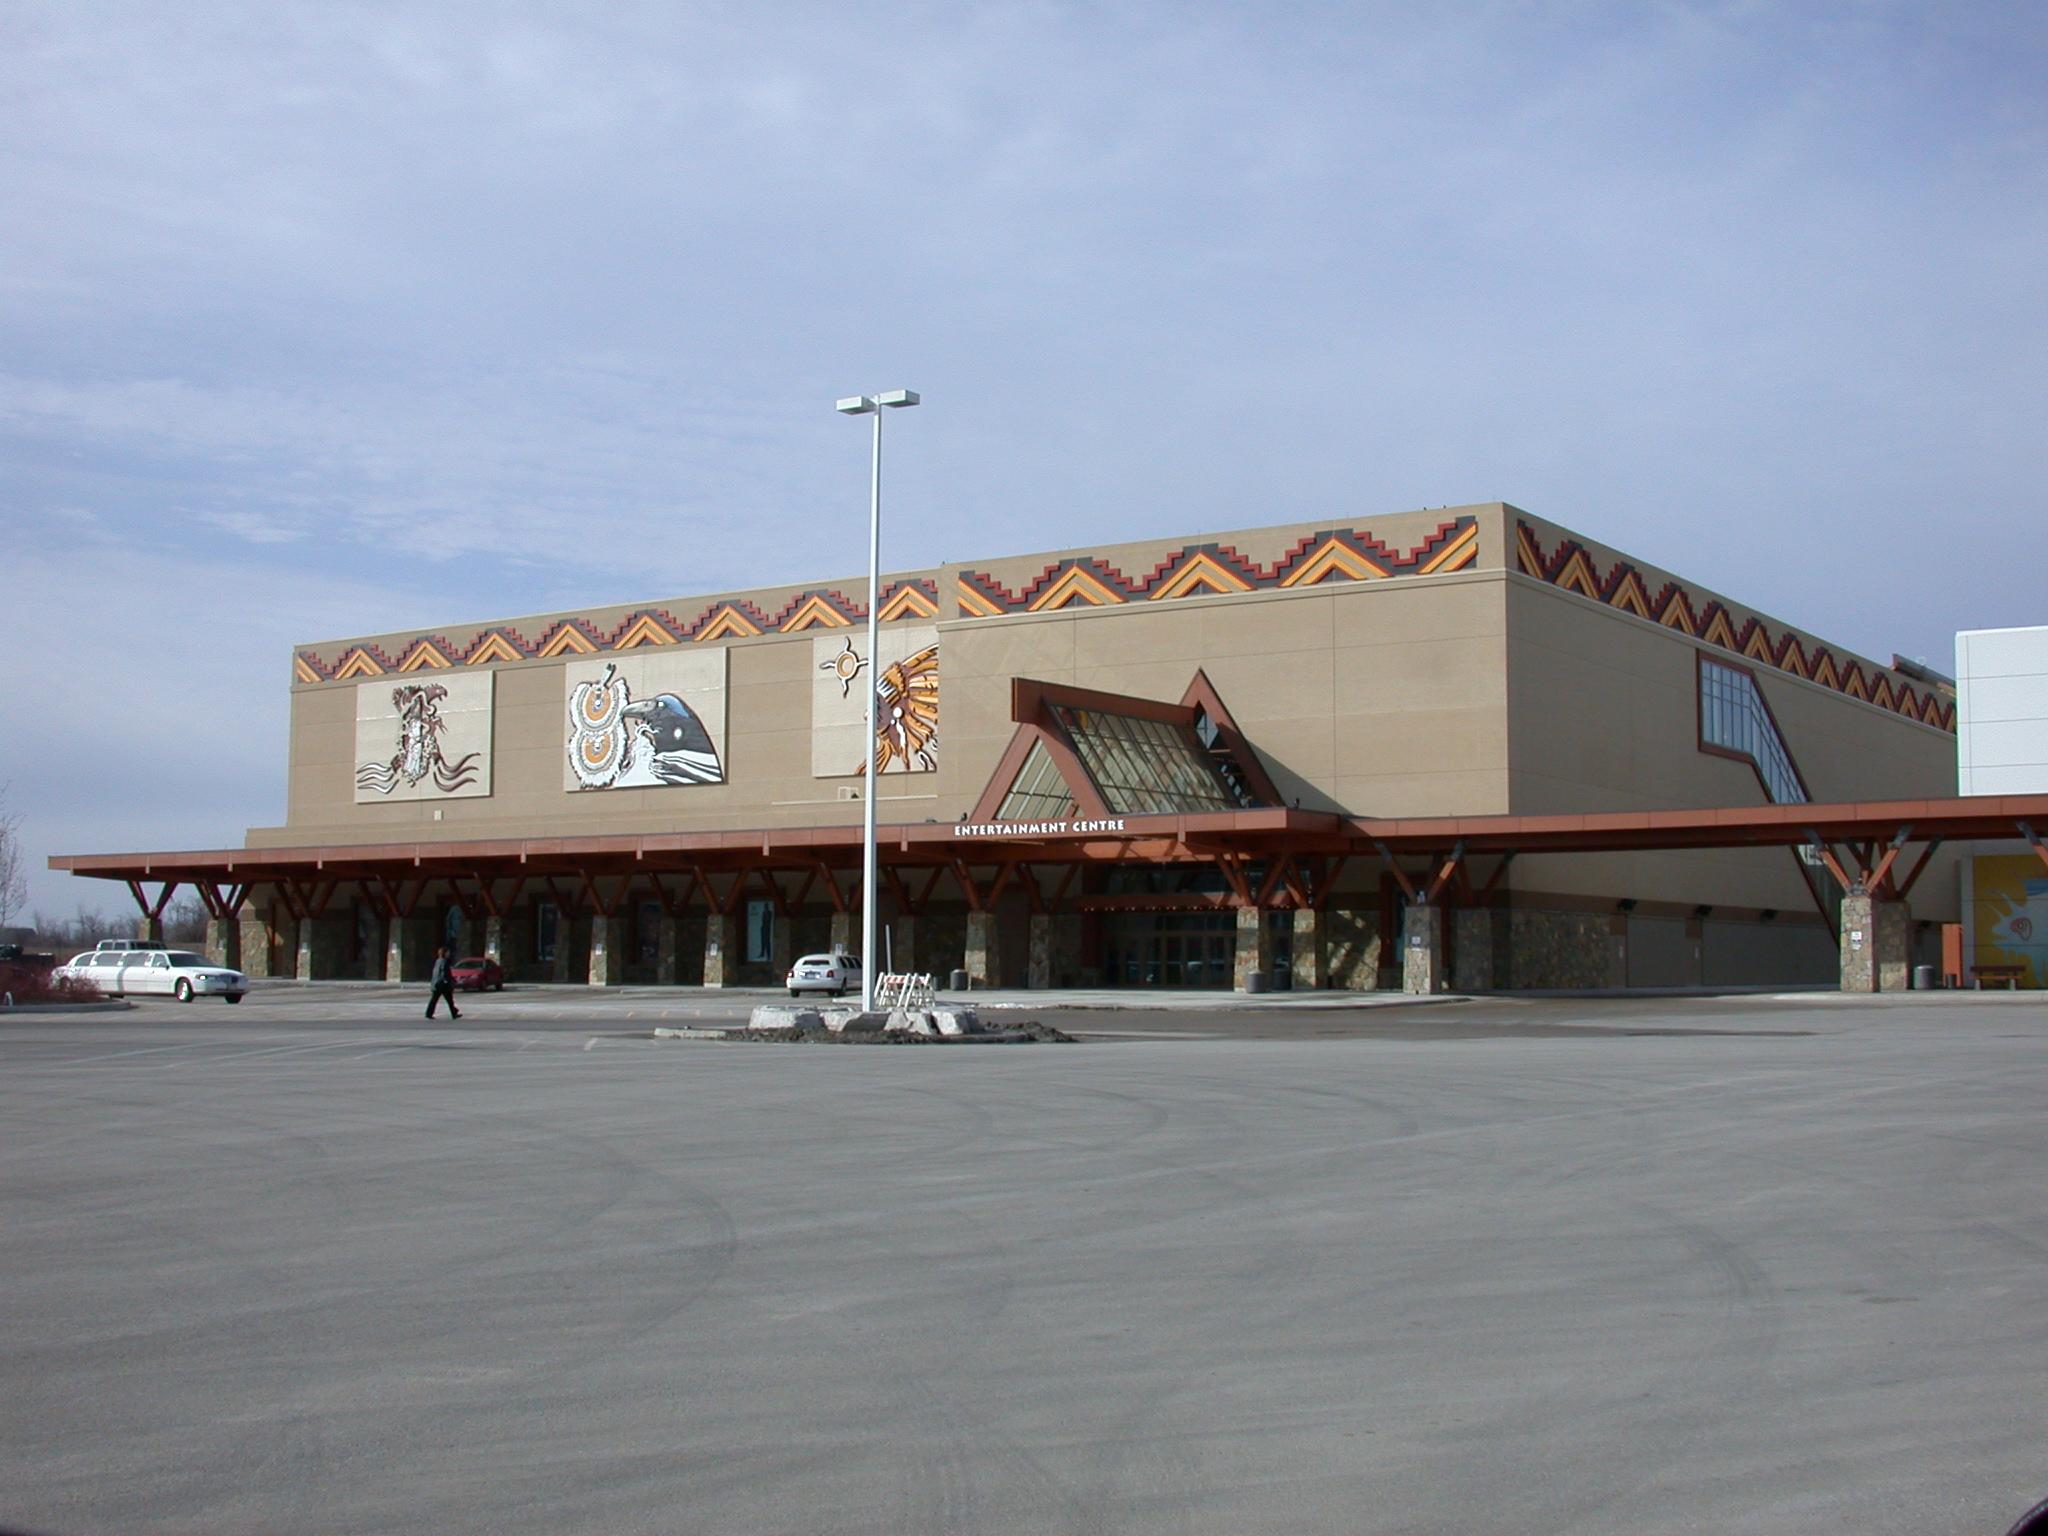 Casino Rama Orillia Shows